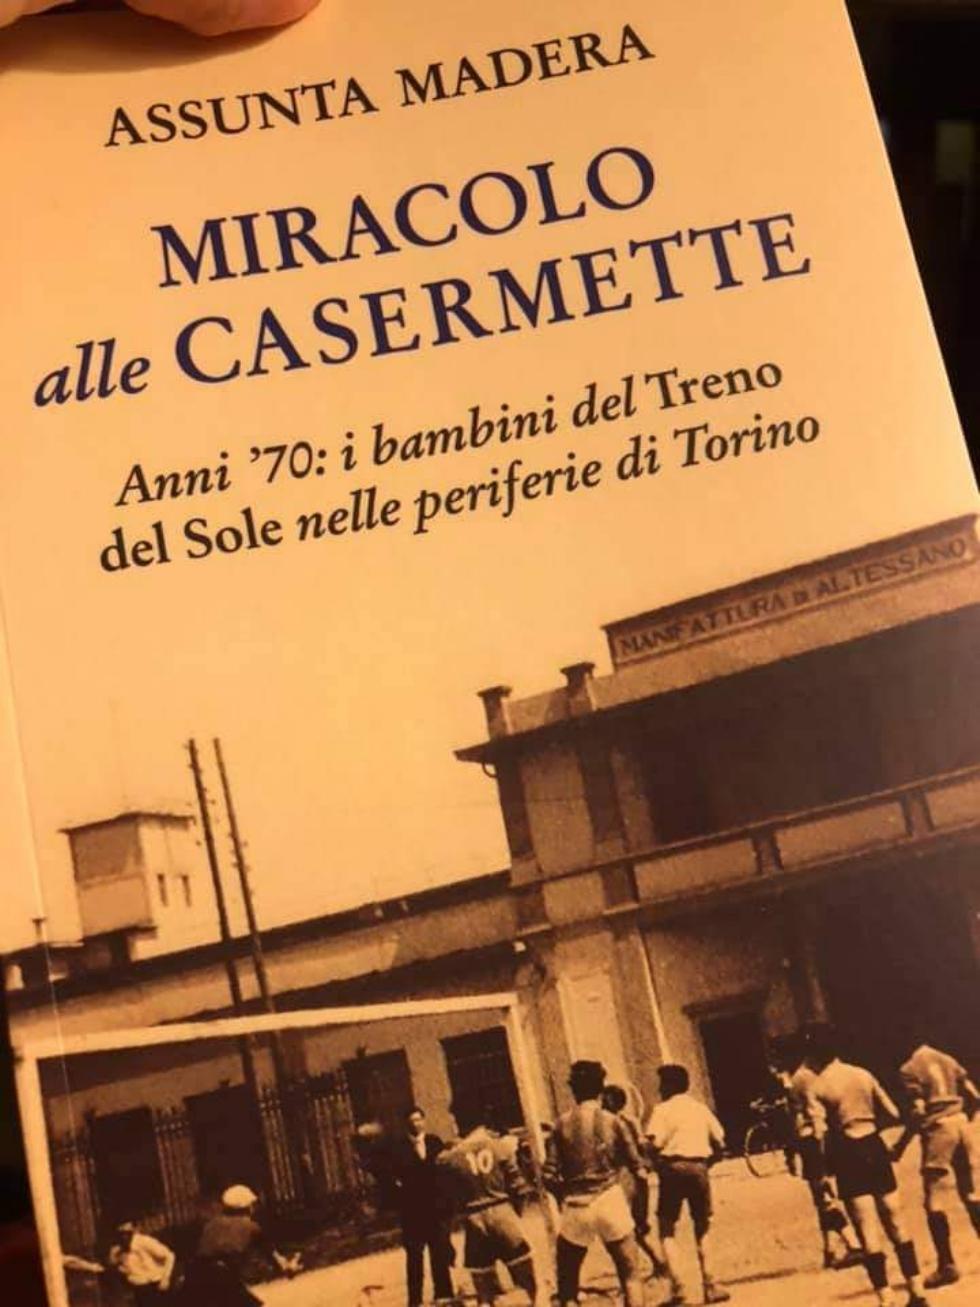 VENARIA - «Miracolo alle Casermette»: il libro di Assunta Madera che riporta indietro nel tempo